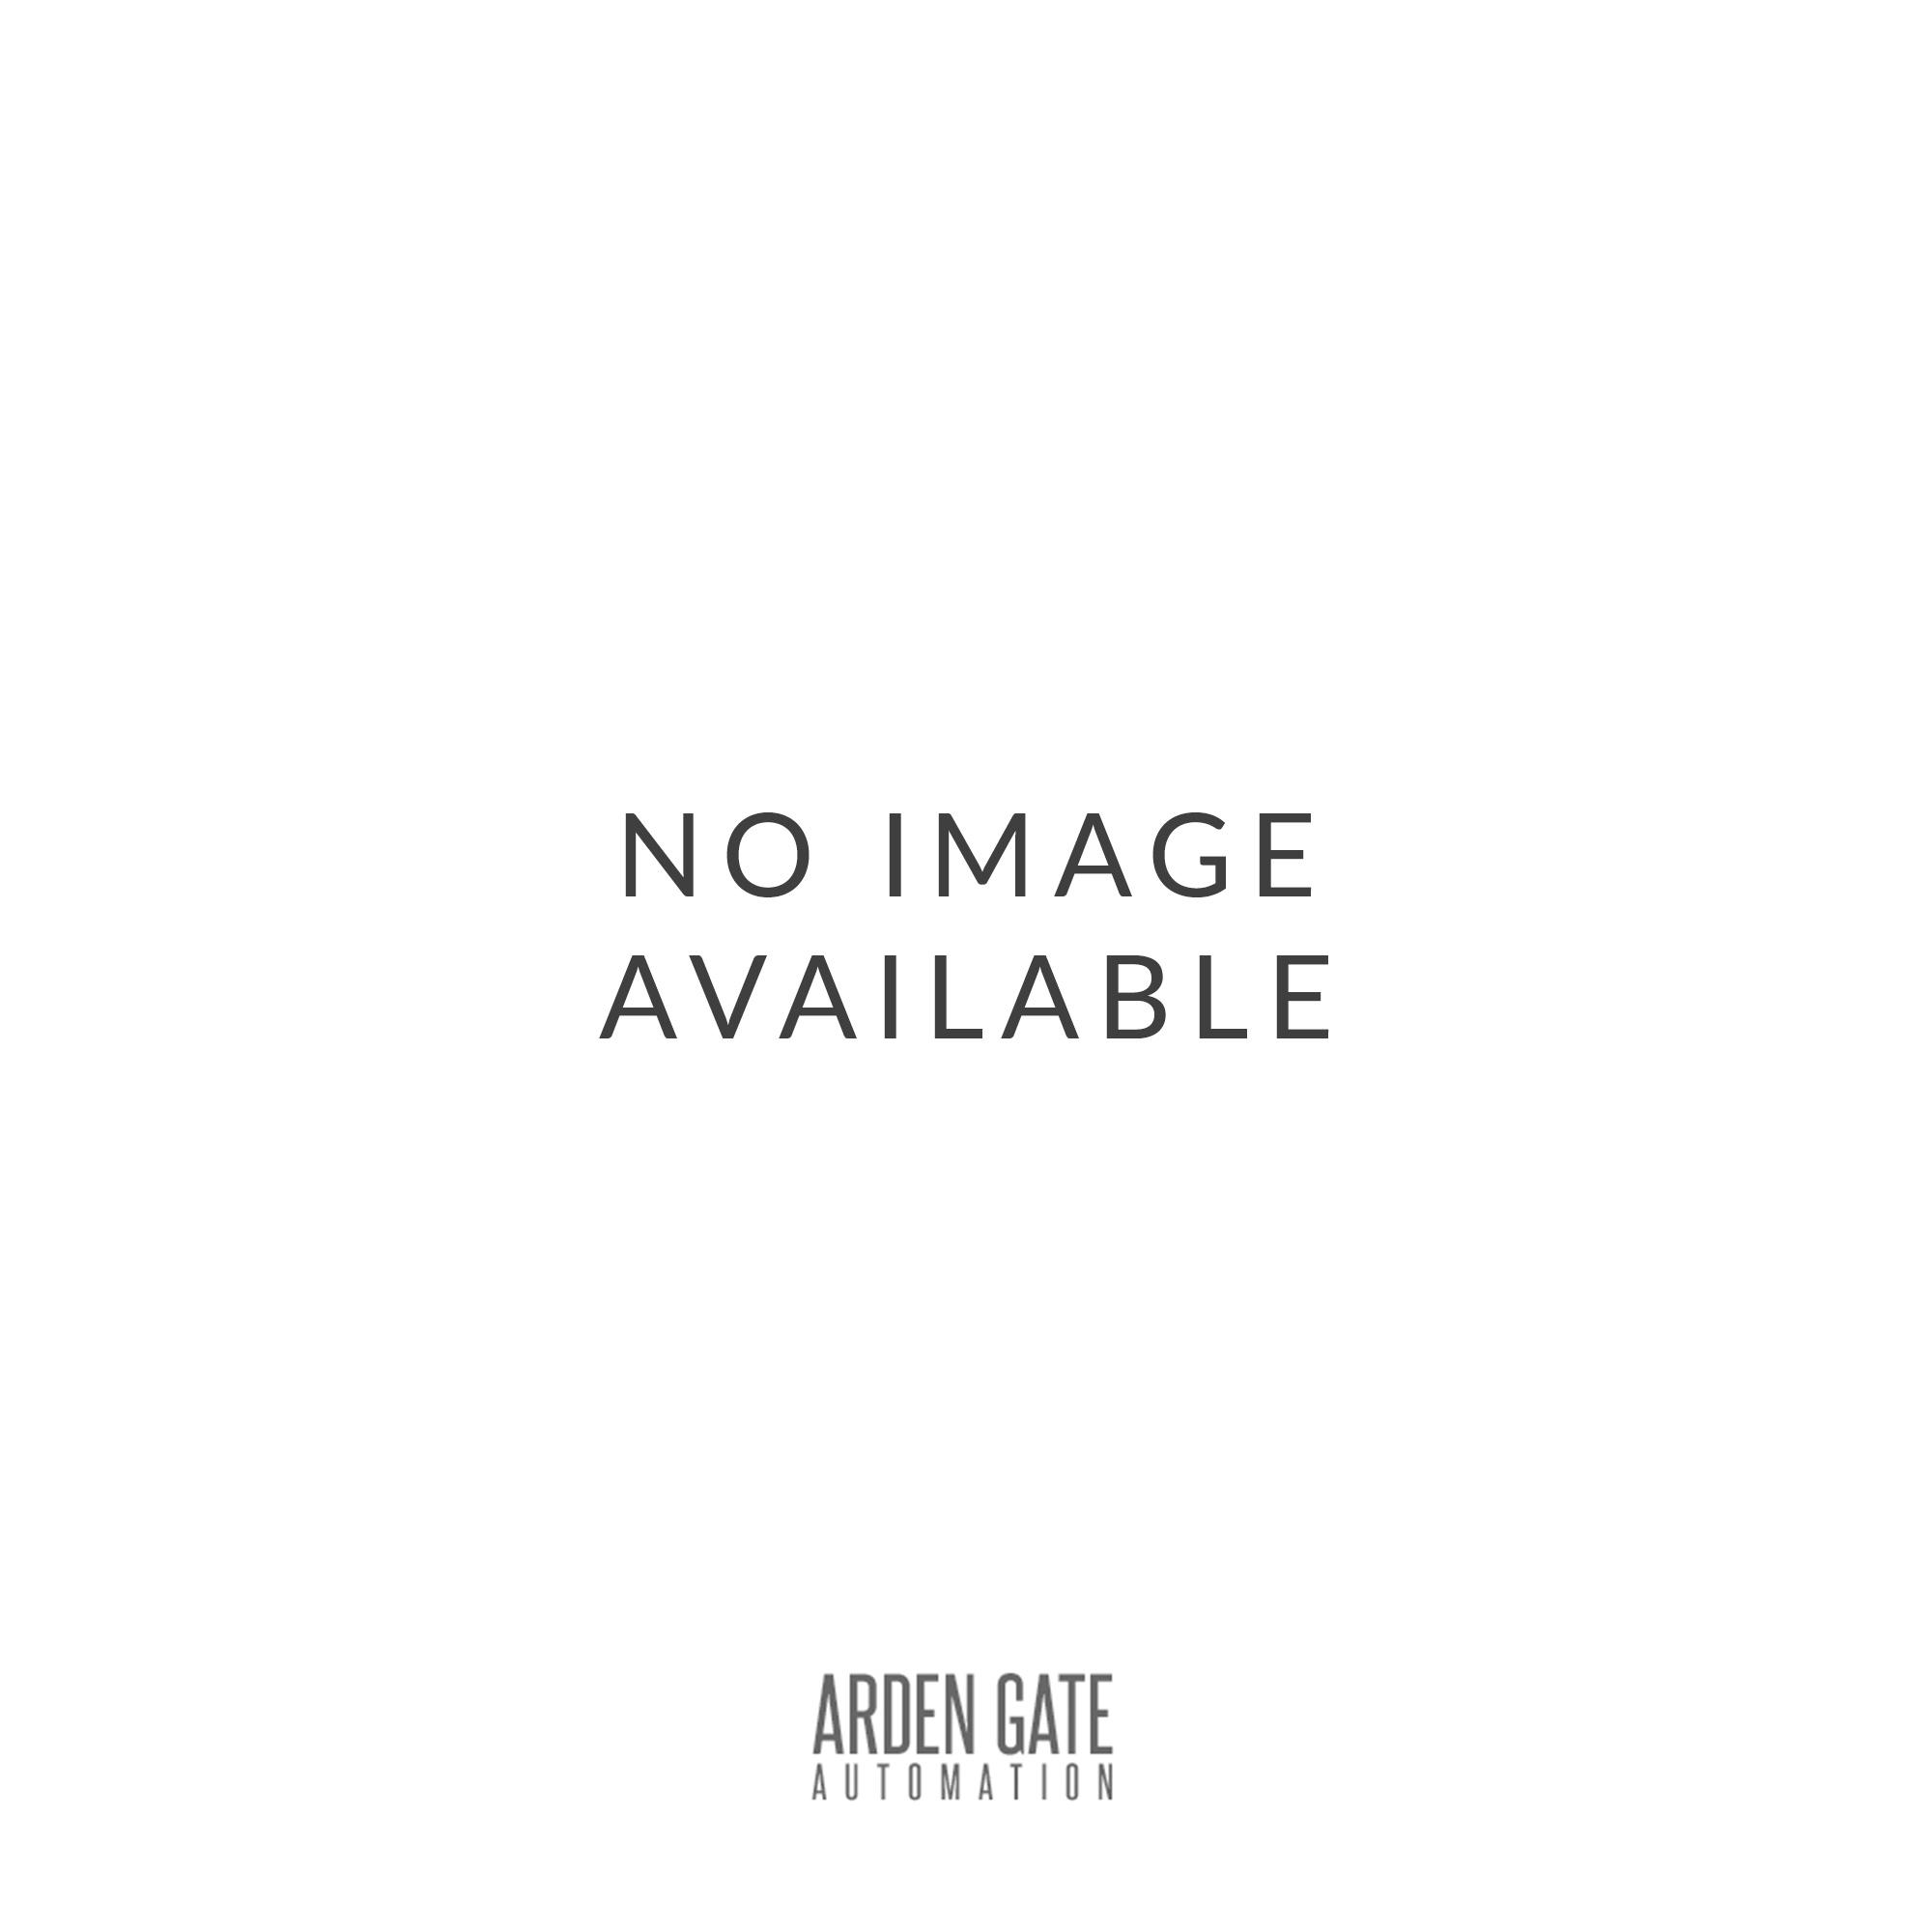 NICE EKA03 Bowl for recessed mounting (Depth 66mm) for installation of EKSI, EKSIEU, EPLIO, EPLIOB, EDSI, EDSIB